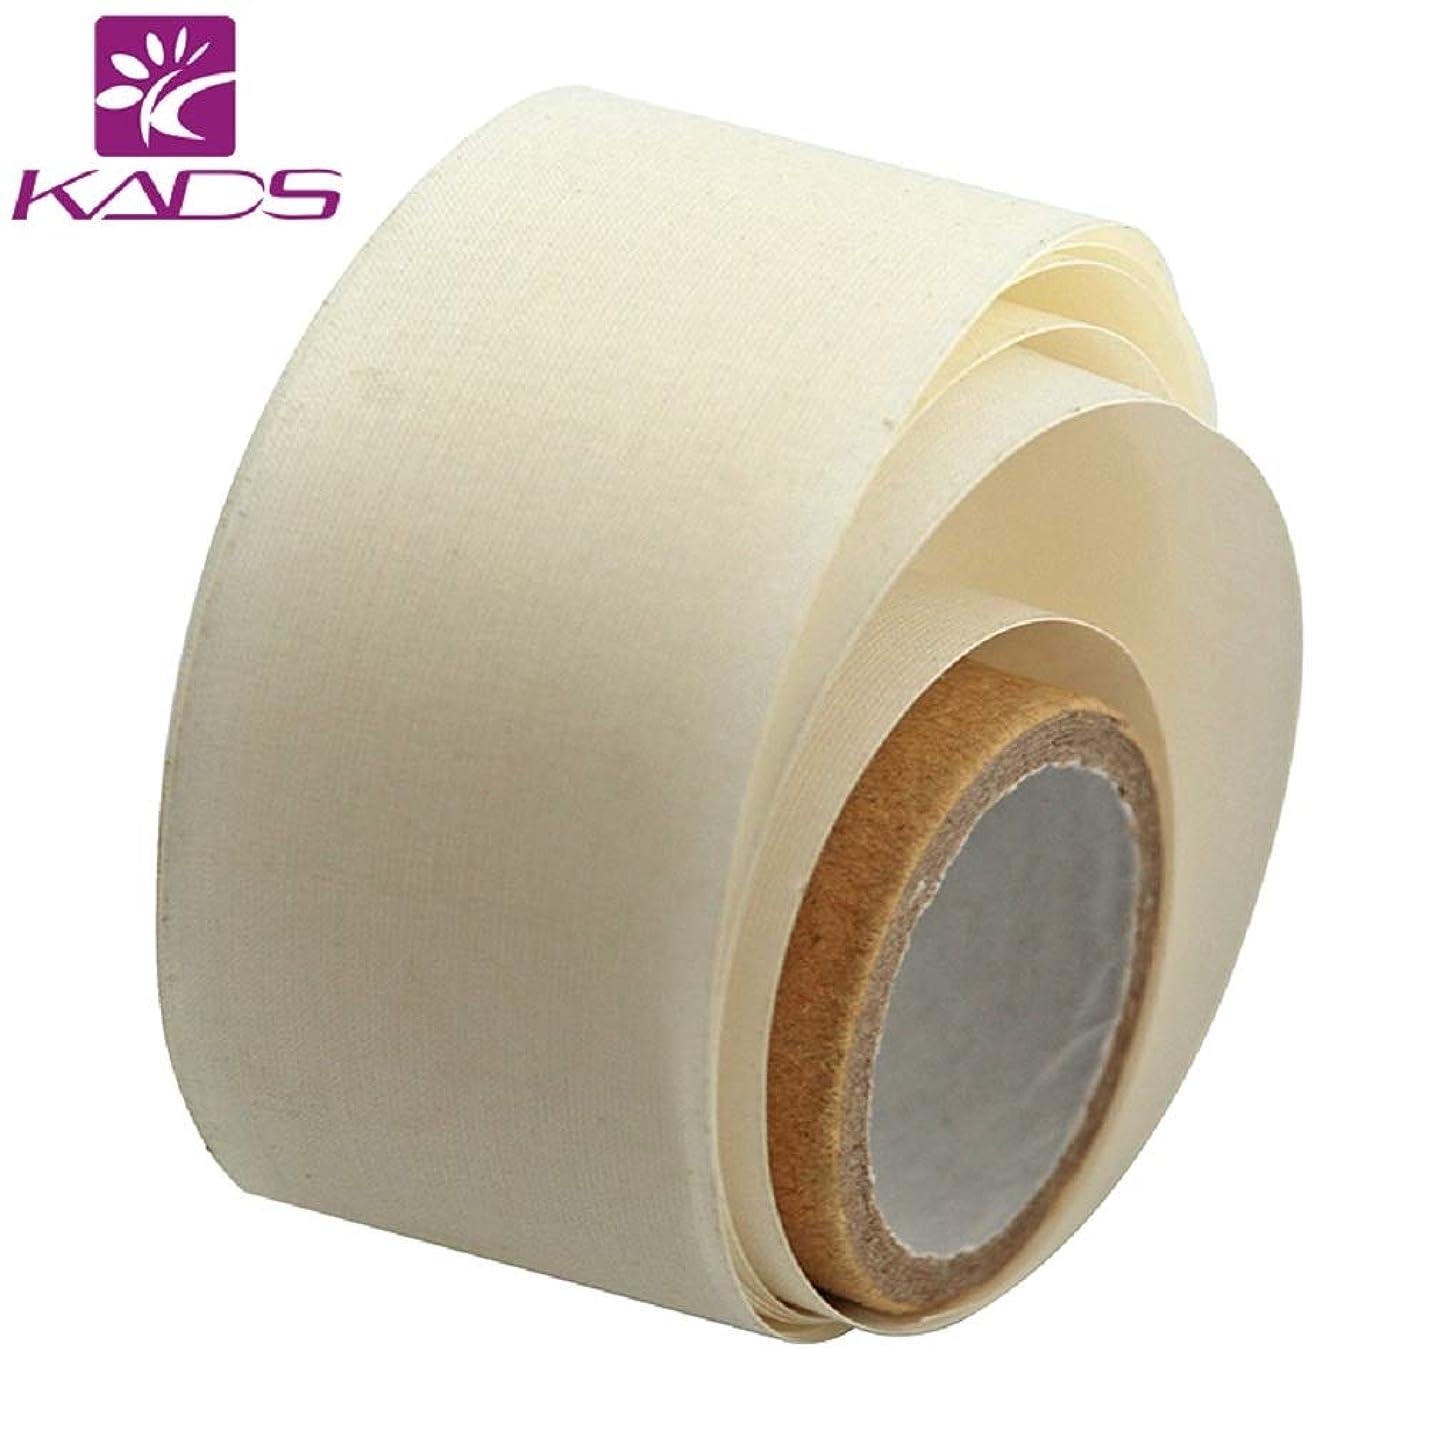 ロードハウス爆発物尋ねるKADS ネイルシルクテープ ネイルリペアテープペラ用 爪の補修 ジェルアクリルネイルアートツール